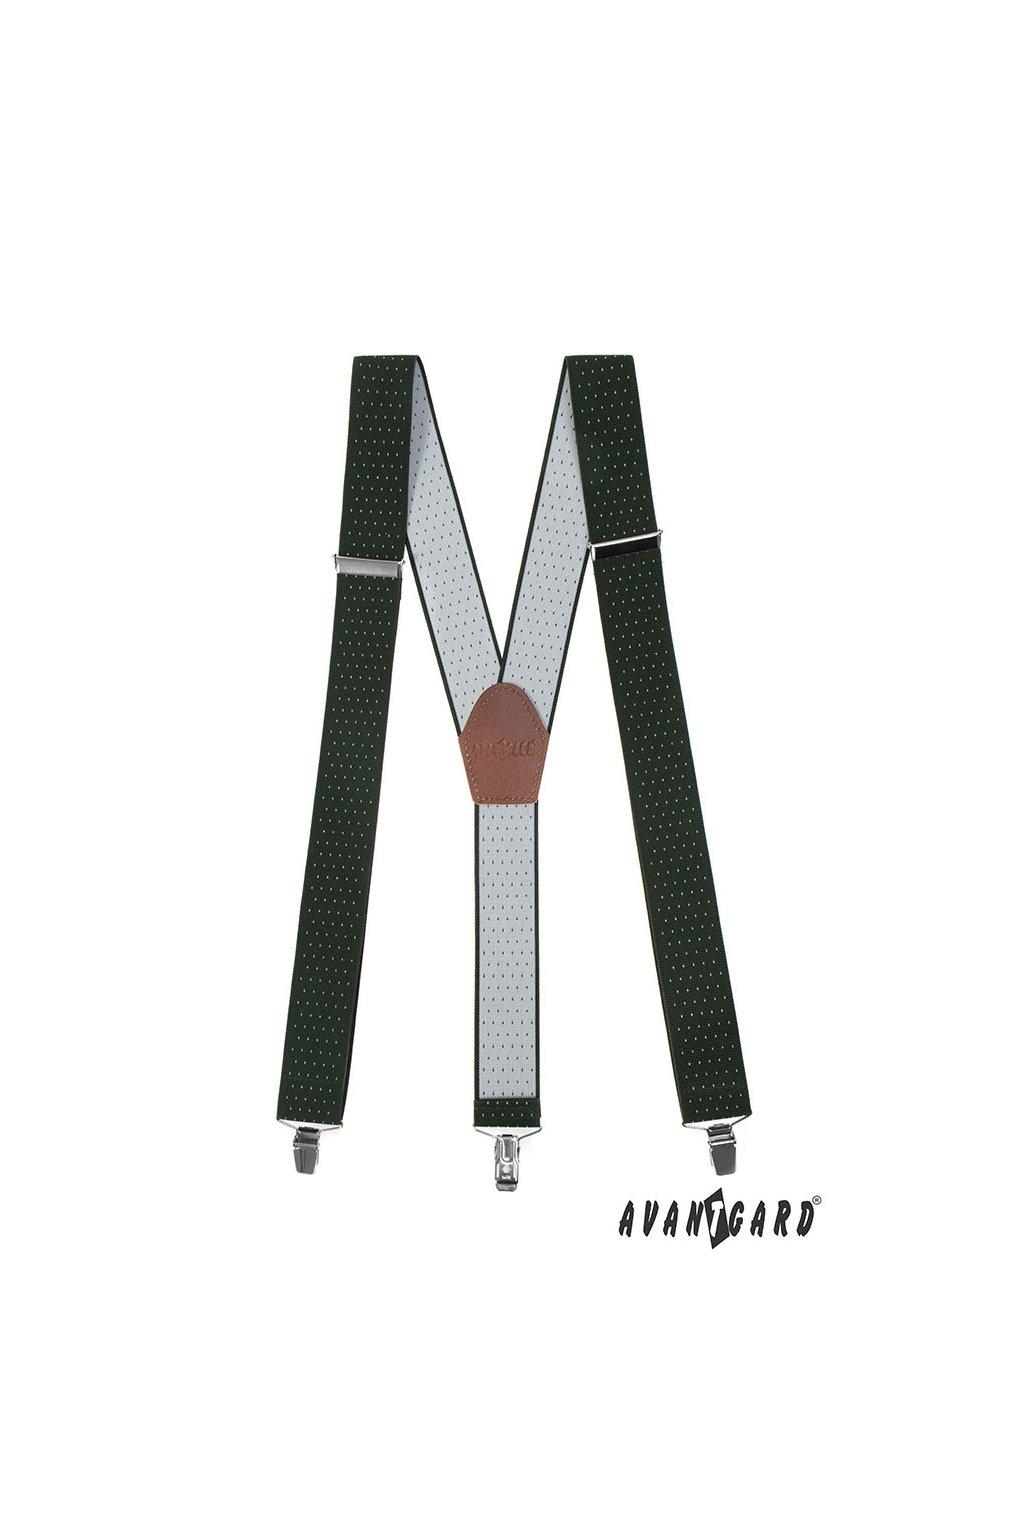 Šle Y s koženým středem a zapínáním na klipy - 35 mm, 856-460163, Zelená s bílým puntíkem